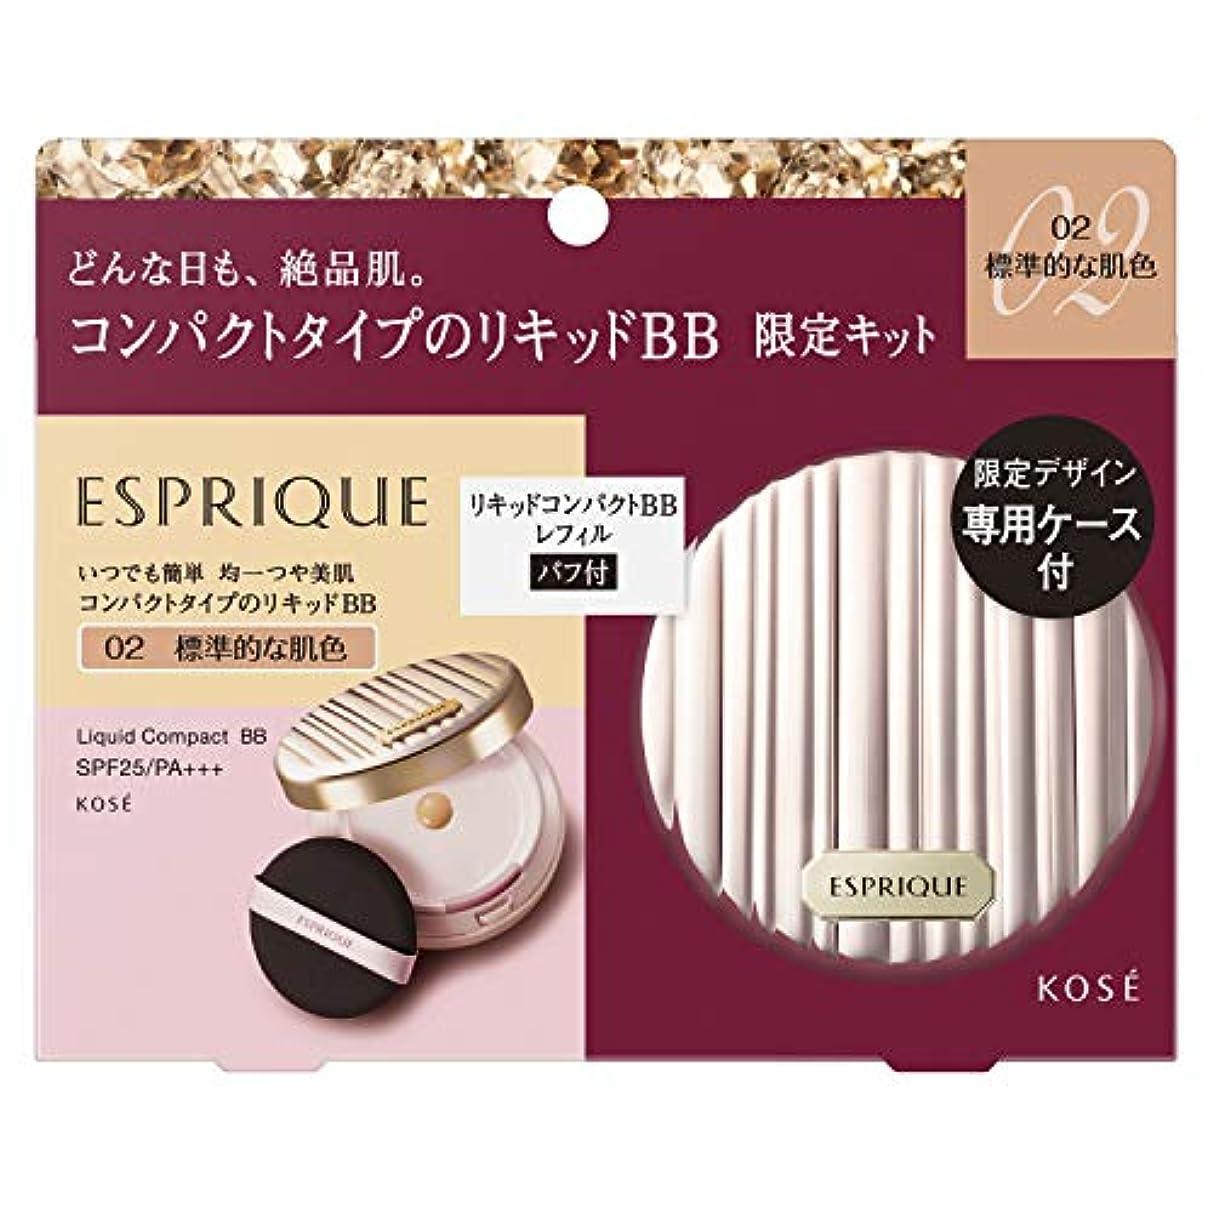 玉故国パンESPRIQUE(エスプリーク) エスプリーク リキッド コンパクト BB 限定キット 2 BBクリーム 02 標準的な肌色 セット 13g+ケース付き